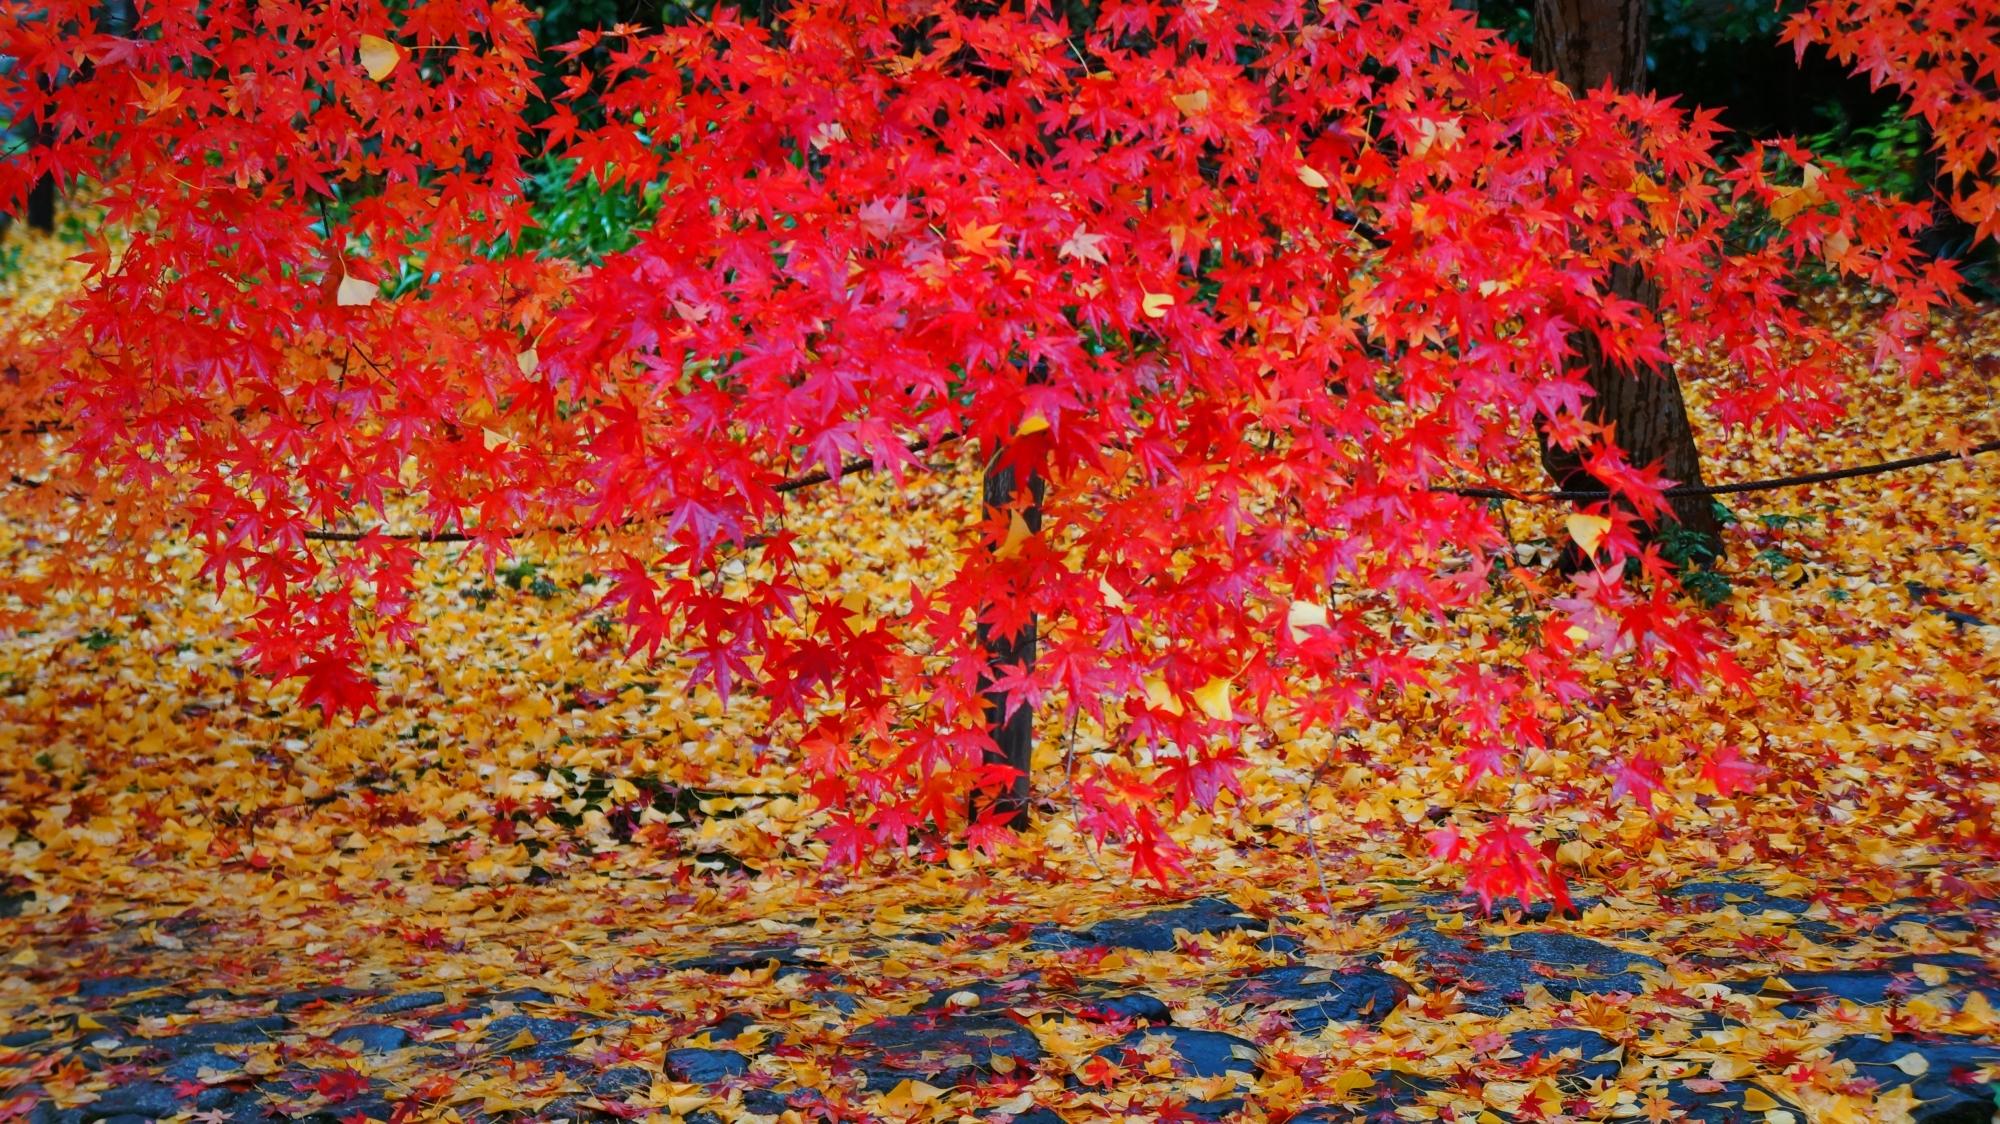 蓮華寺の華やかな赤い紅葉